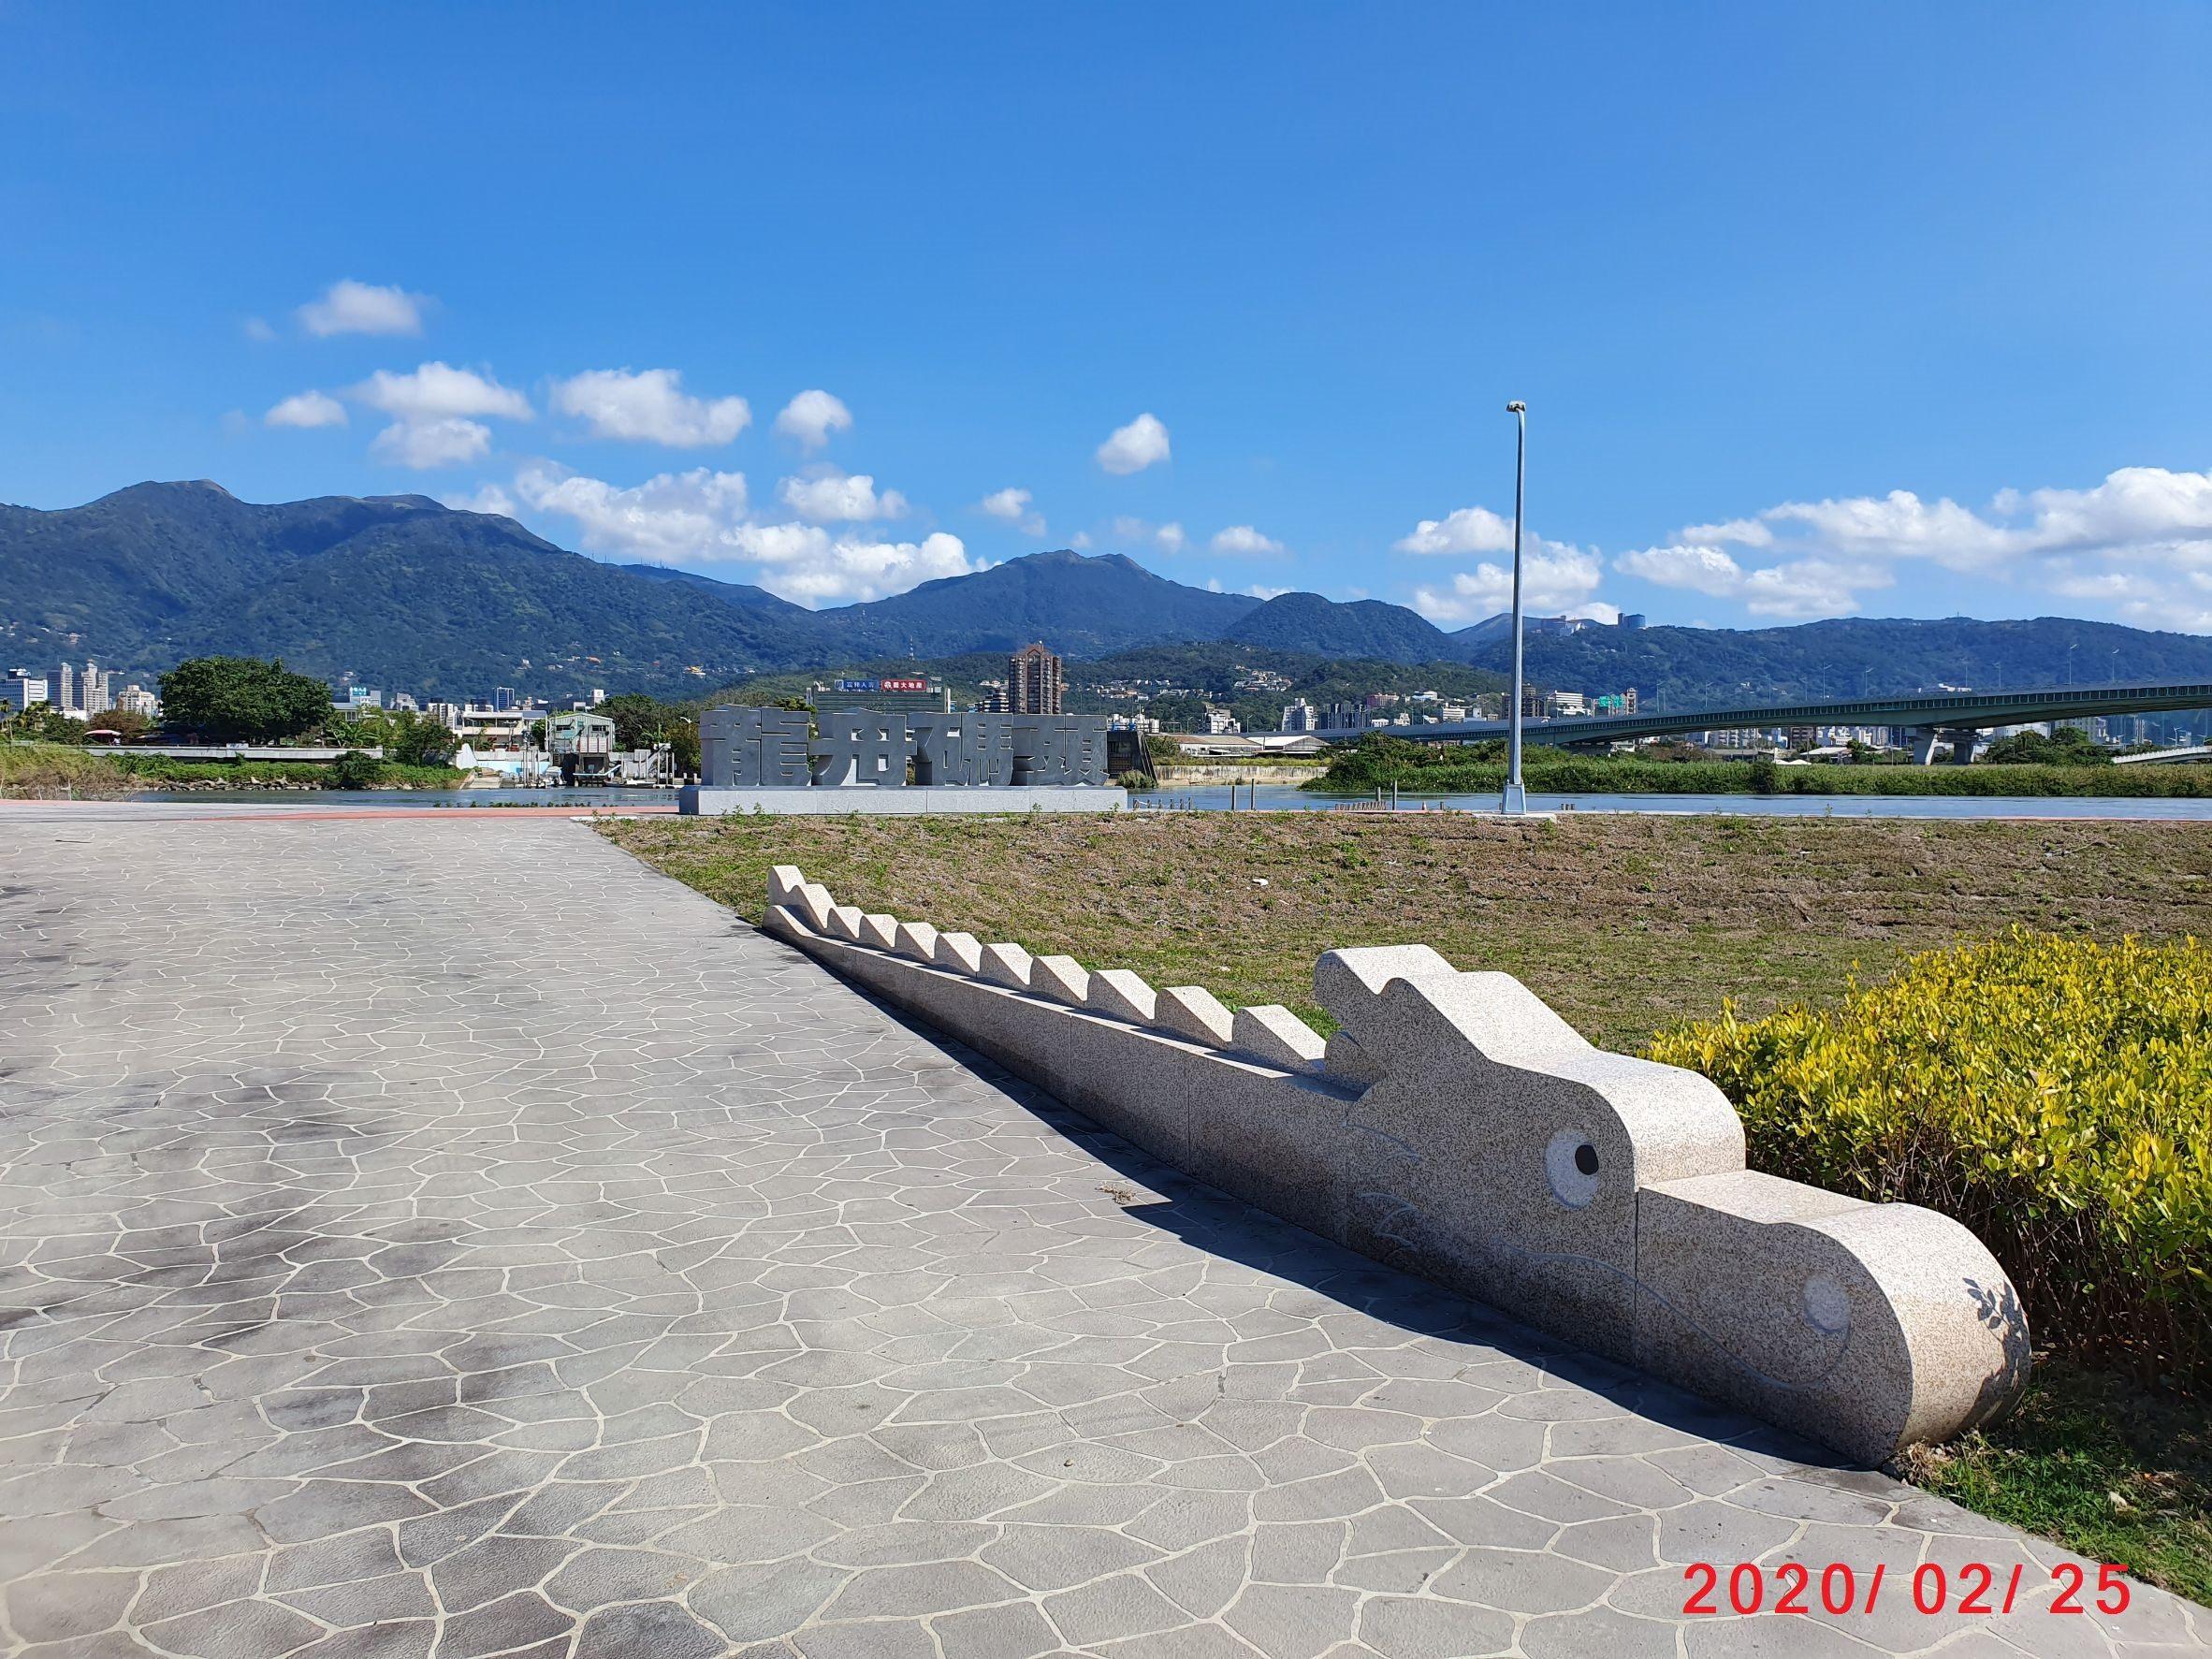 水利類04-社子大橋周邊護岸及環境改善工程